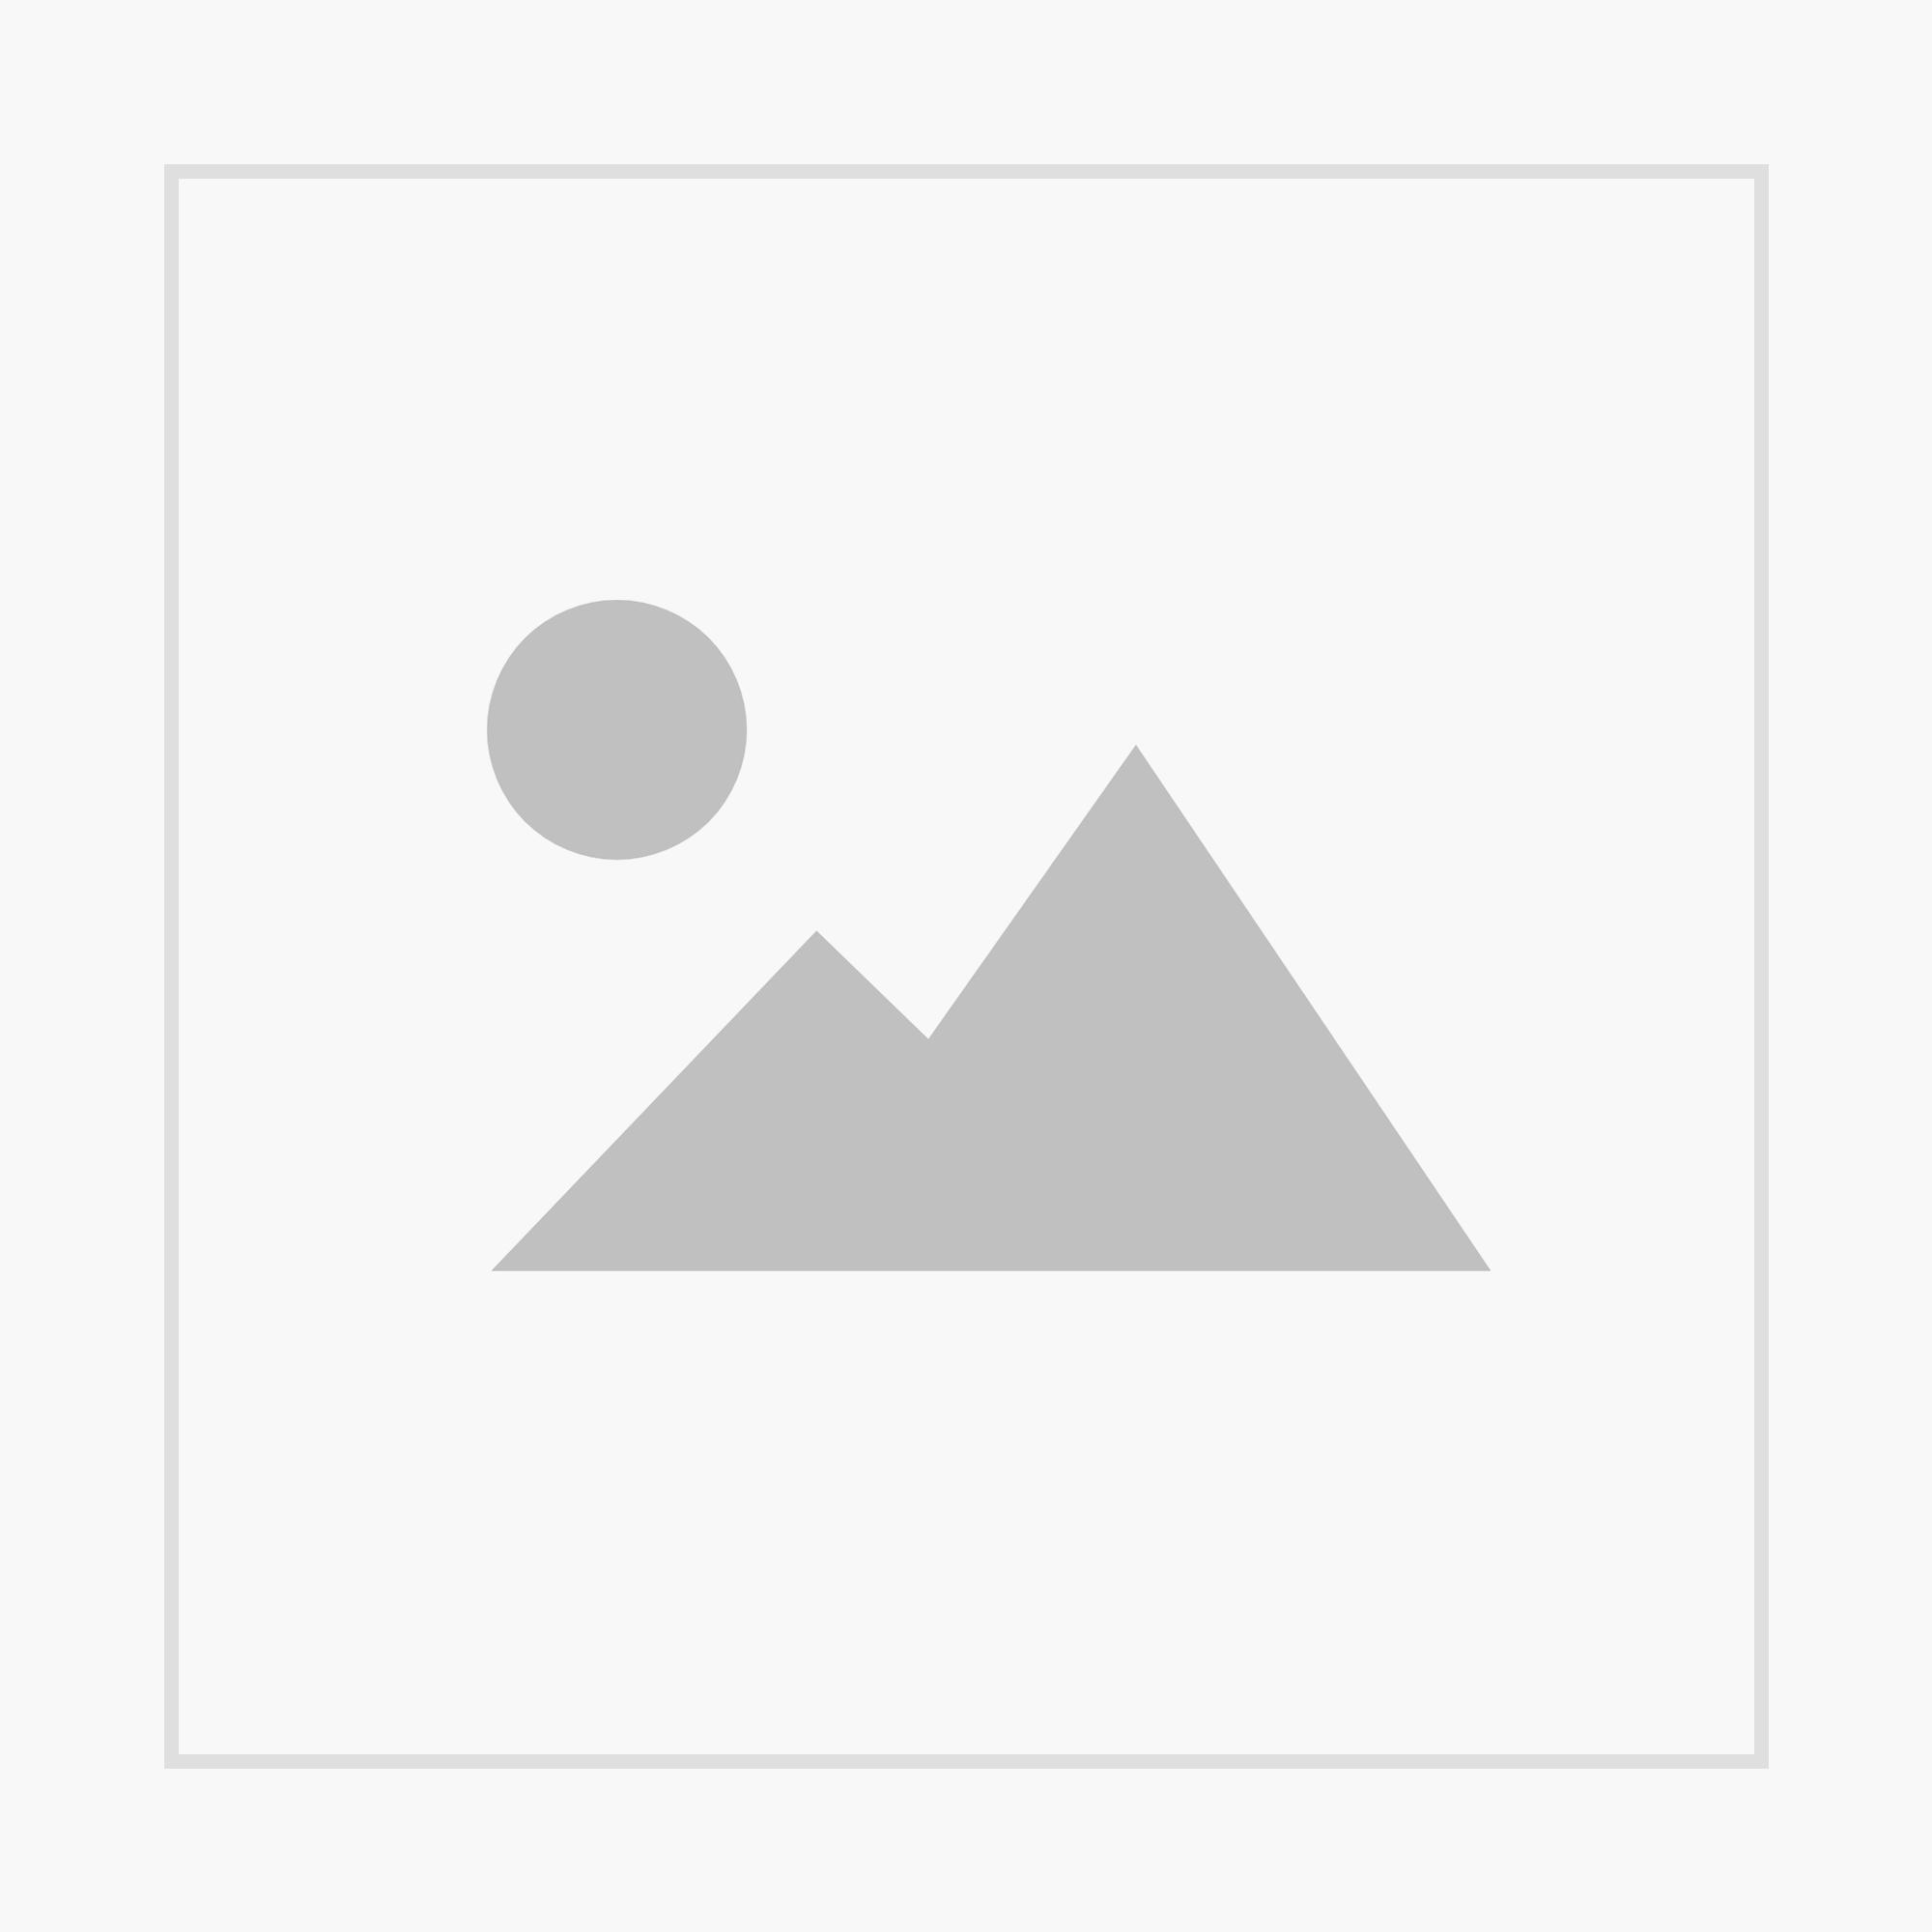 NaBiV Heft 137: Auswirkungen des Klimawandels auf Fauna, Flora und Lebensräume sowie Anpassungsstrategien des Naturschutzes